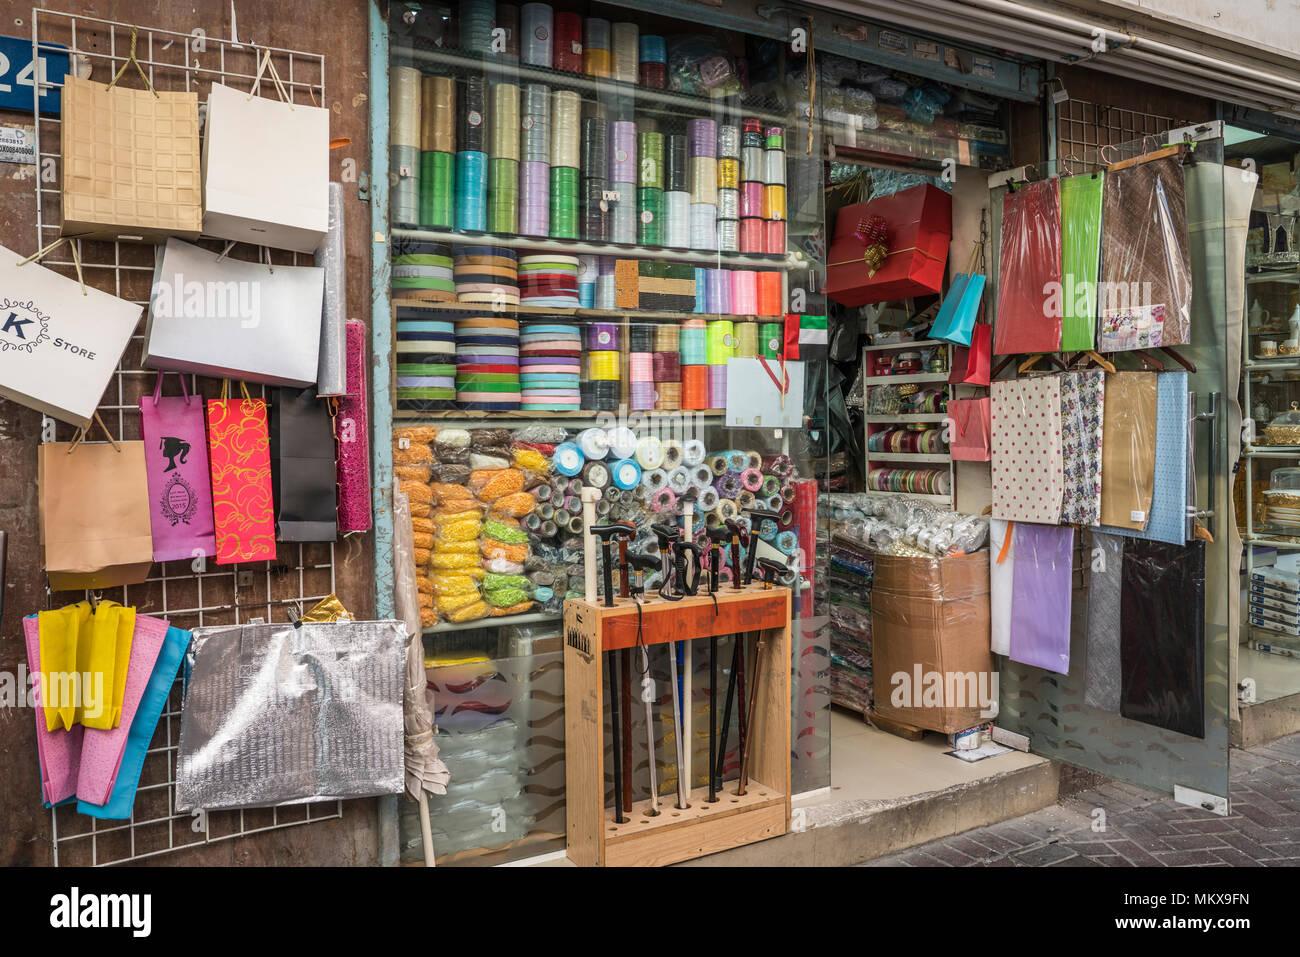 1142c0fe1a3136 Bekleidung und Textilien für den Verkauf in der textilen Märkten der  Altstadt Dubai Vae Naher Osten.